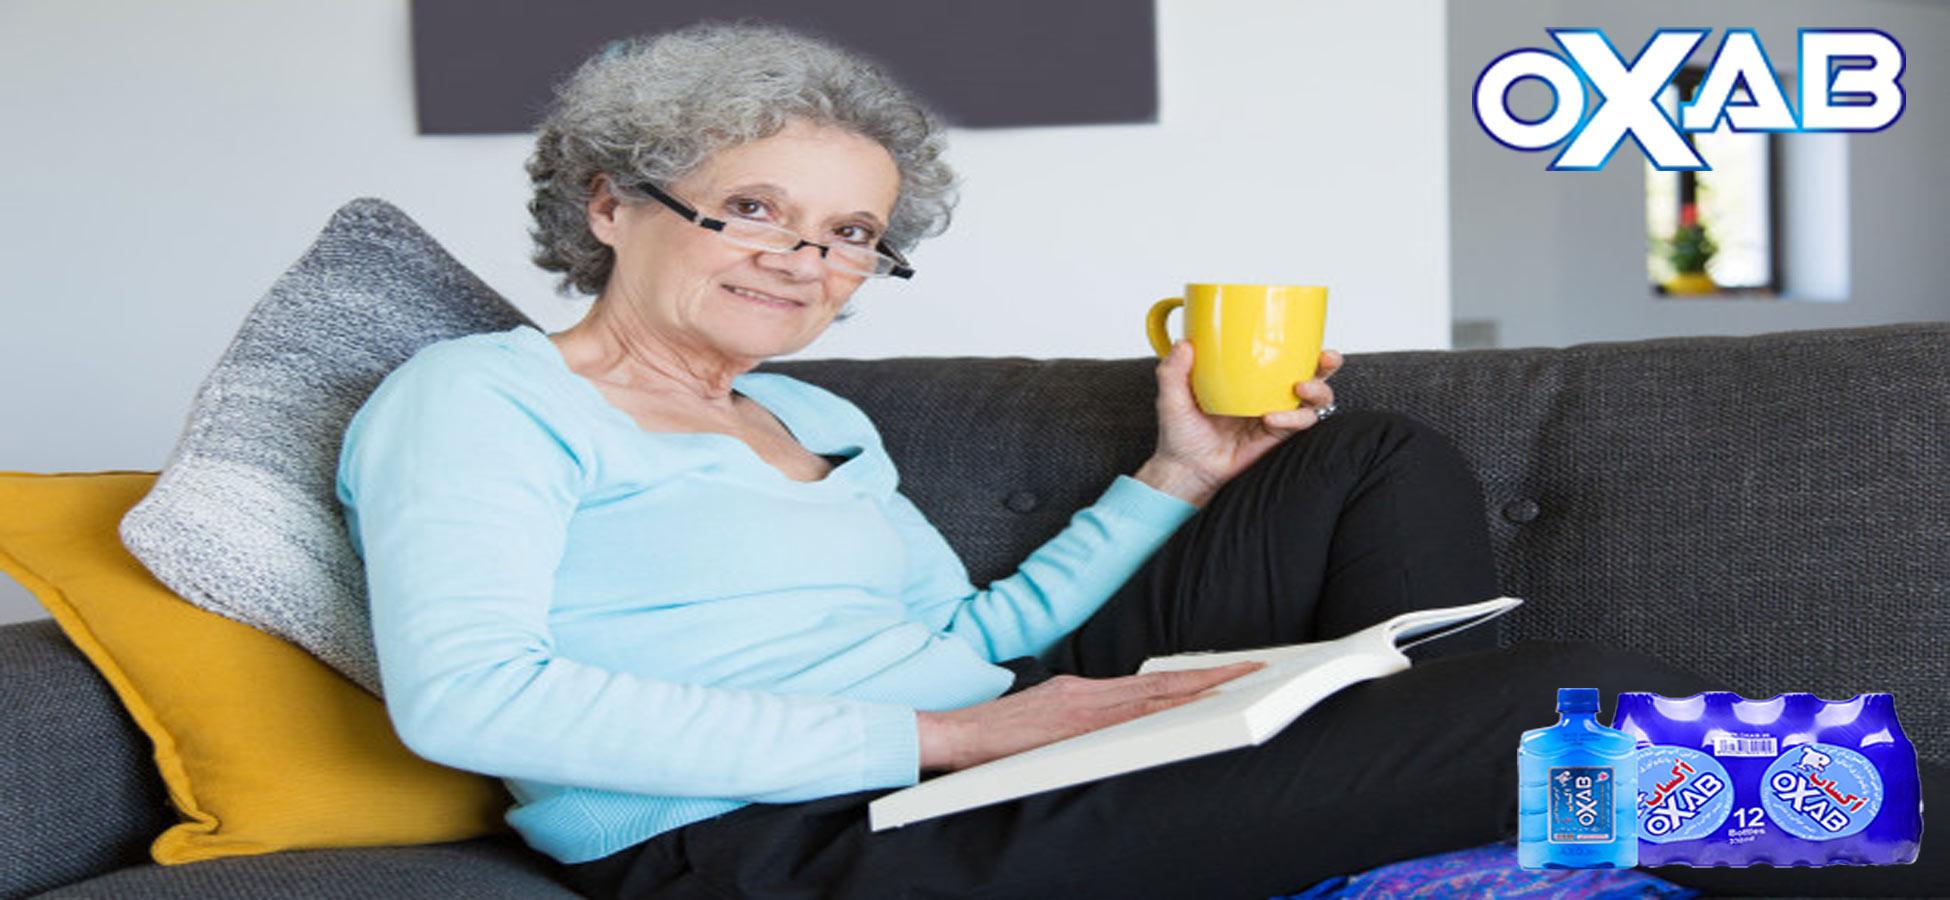 مزایای نوشیدن آب غنی شده با اکسیژن برای سالمندان